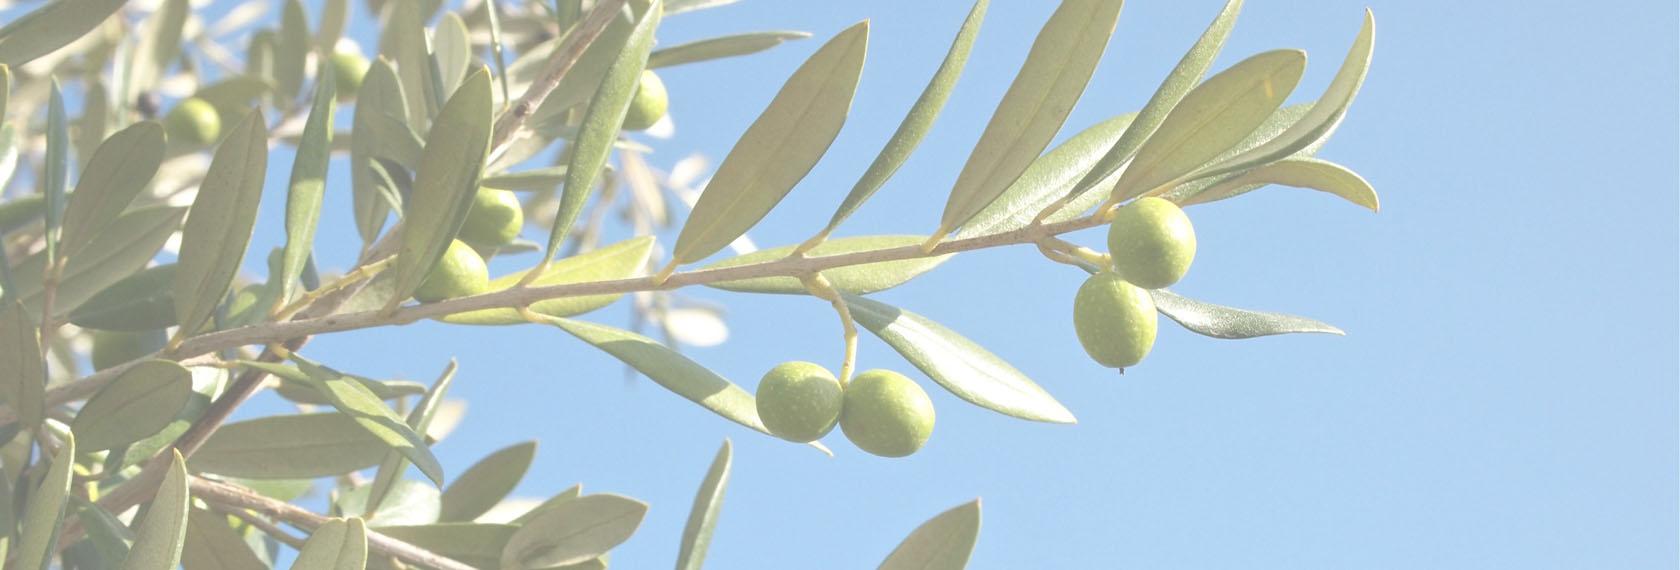 olivier-dimmed